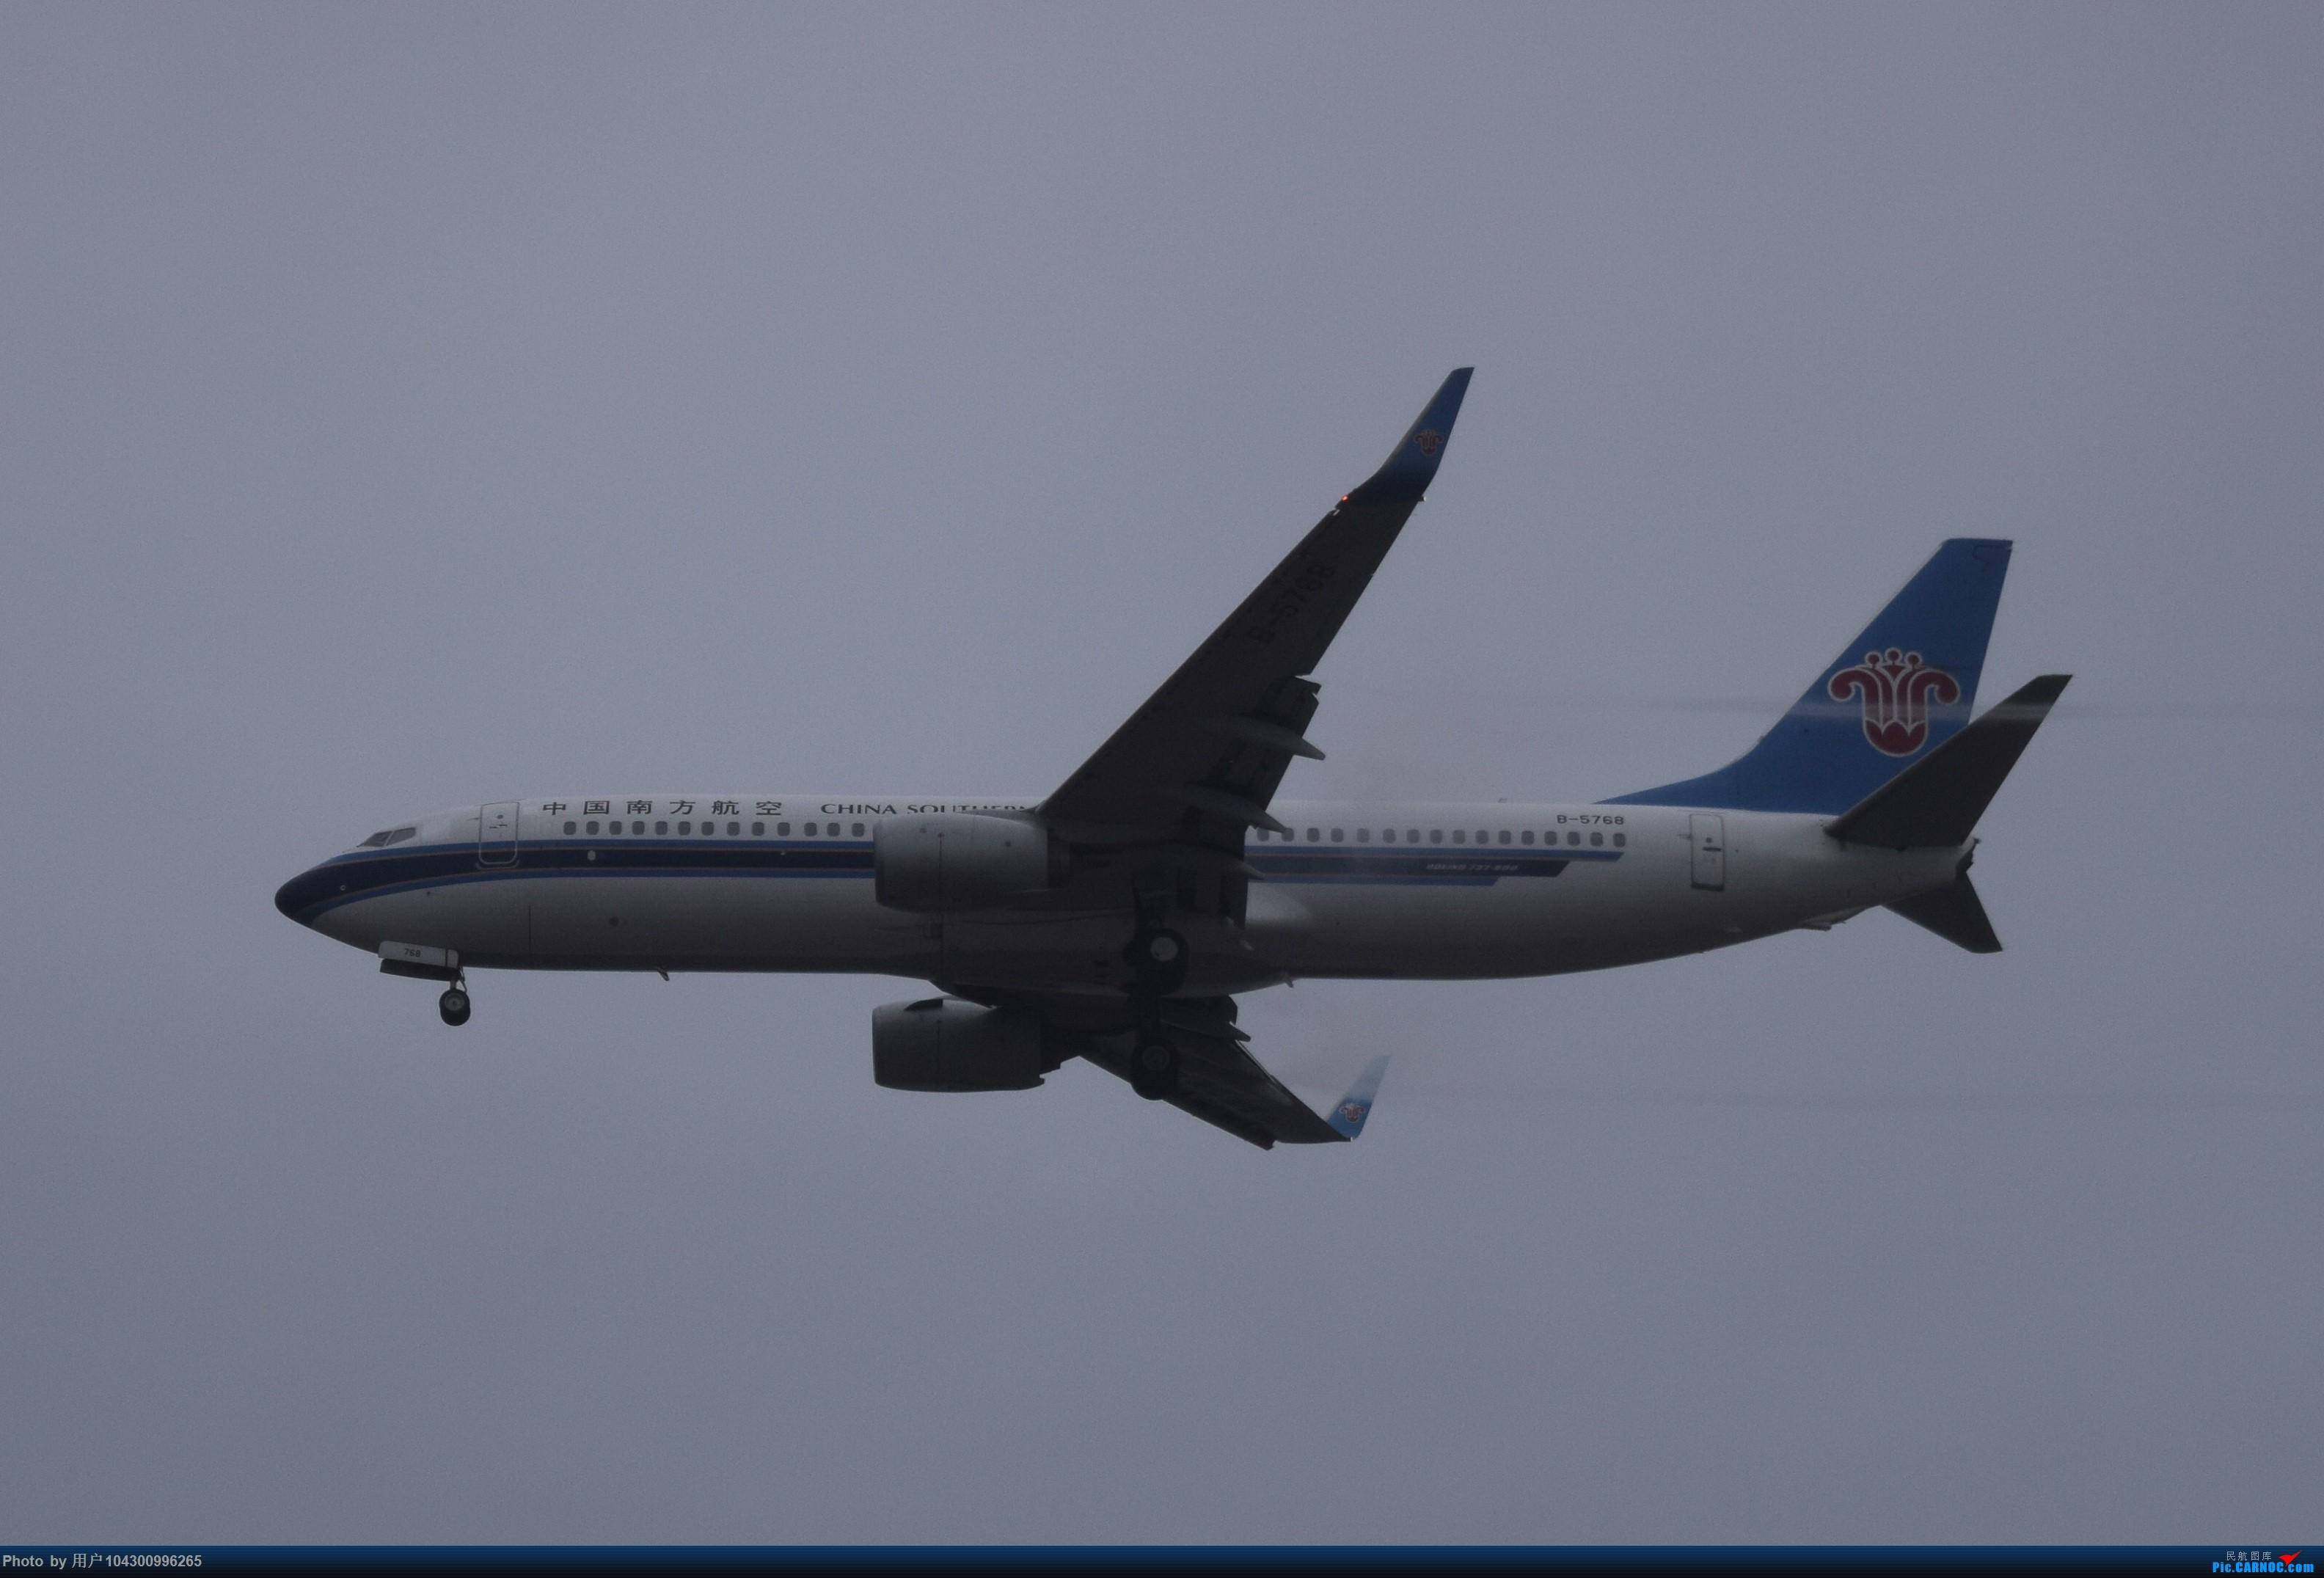 Re:[原创]乌云、雨雾之中的贵阳龙洞堡 BOEING 737-800 B-5768 中国贵阳龙洞堡国际机场